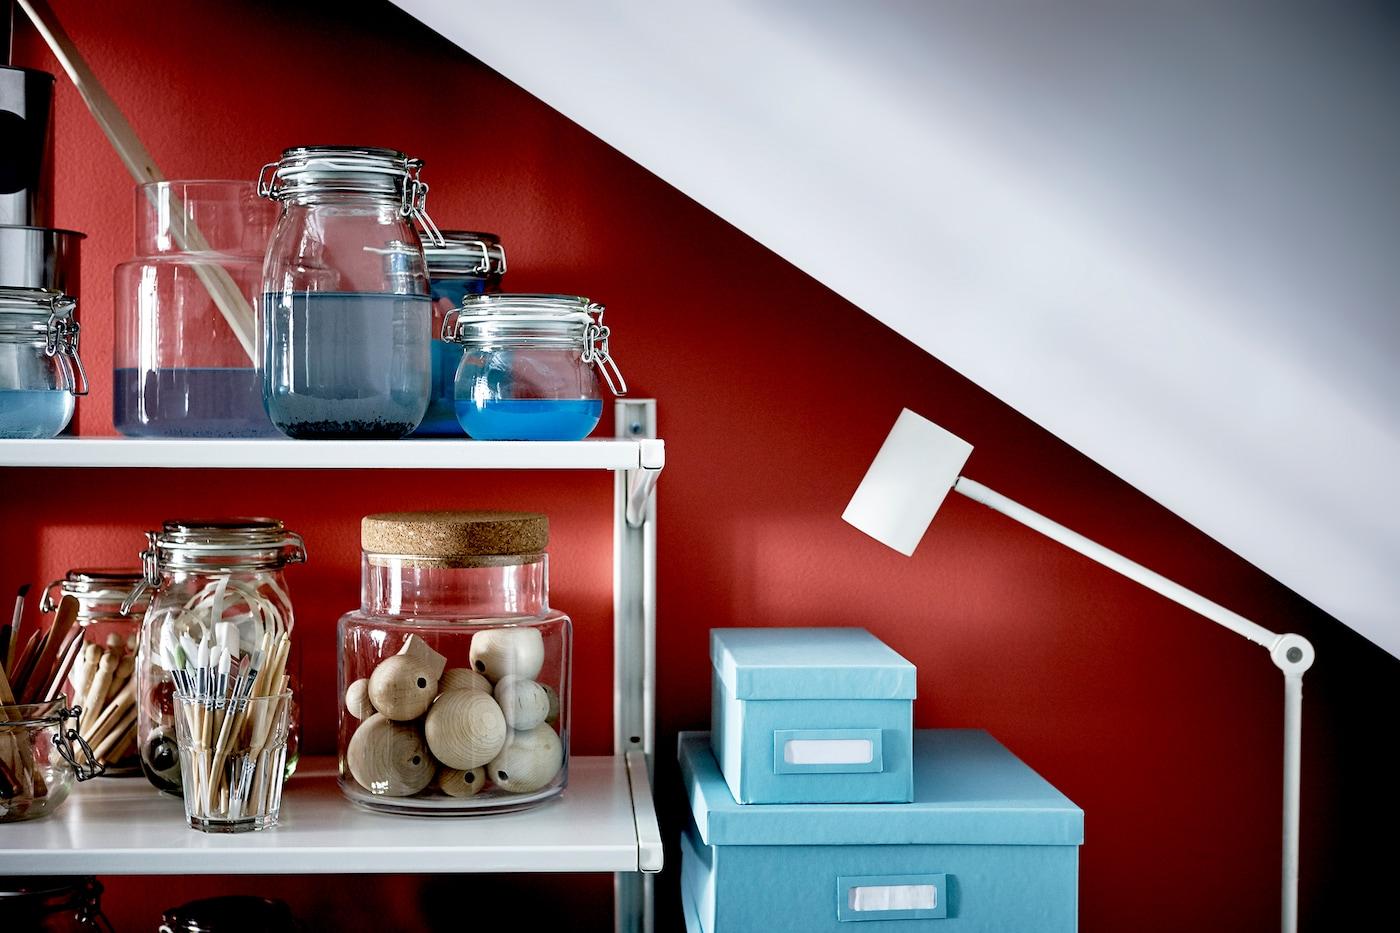 Full Size of Schrank Dachschräge Hinten Ikea Dachschrge Einrichten Mehr Platz Zum Wohnen Deutschland Pantryküche Mit Kühlschrank Küche Apothekerschrank Bett Regal Wohnzimmer Schrank Dachschräge Hinten Ikea